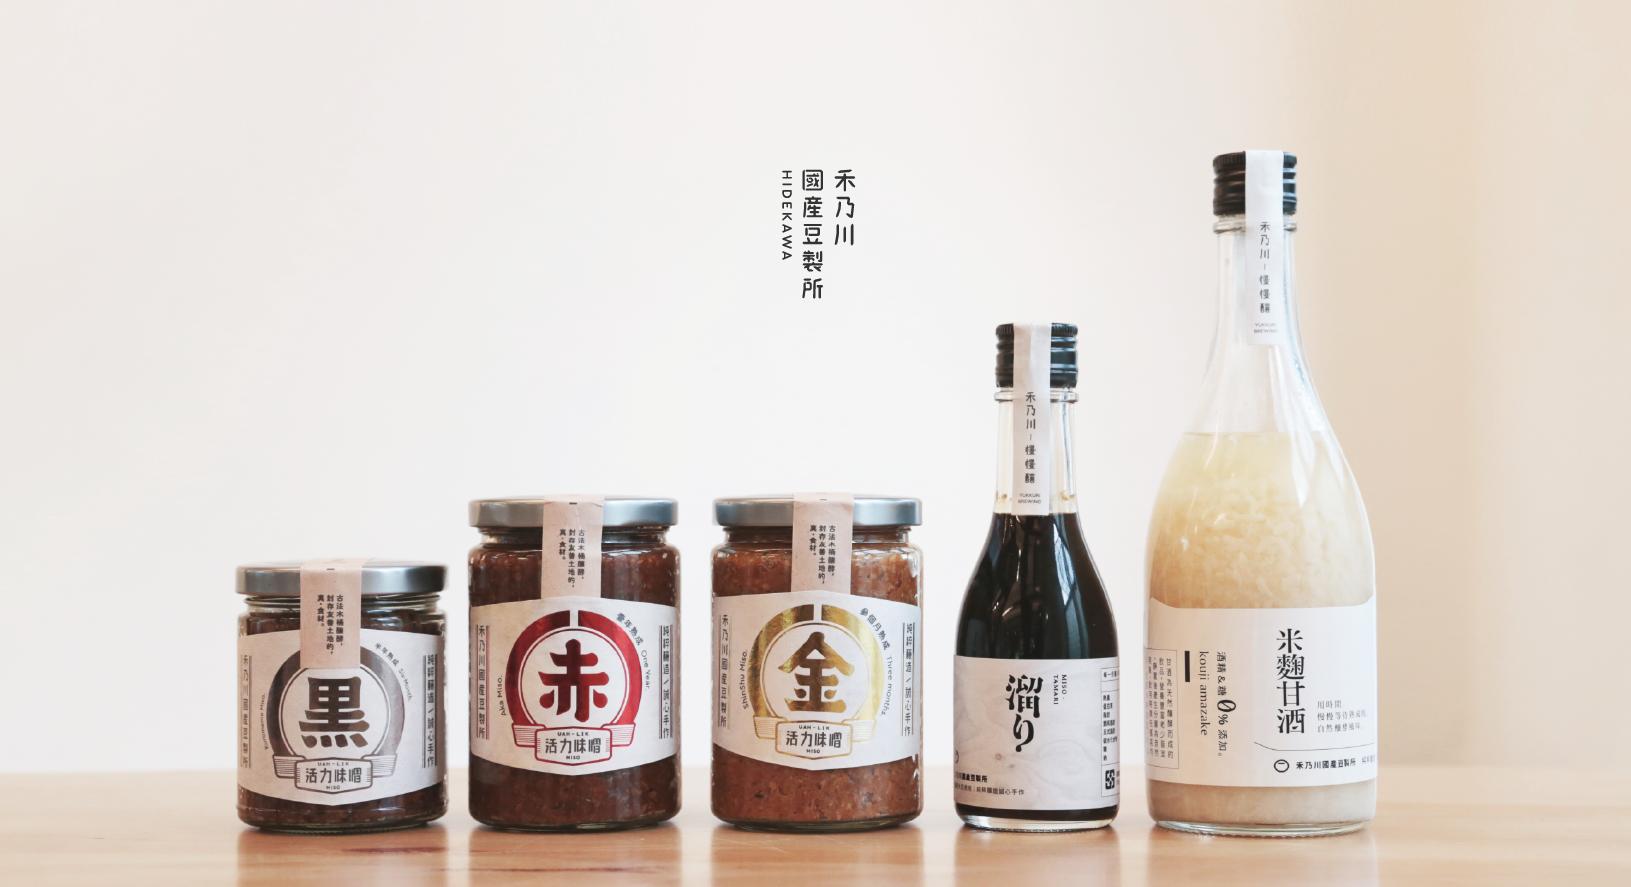 禾乃川國產豆製所 豆製商品 | 甘樂文創 | 甘之如飴,樂在其中